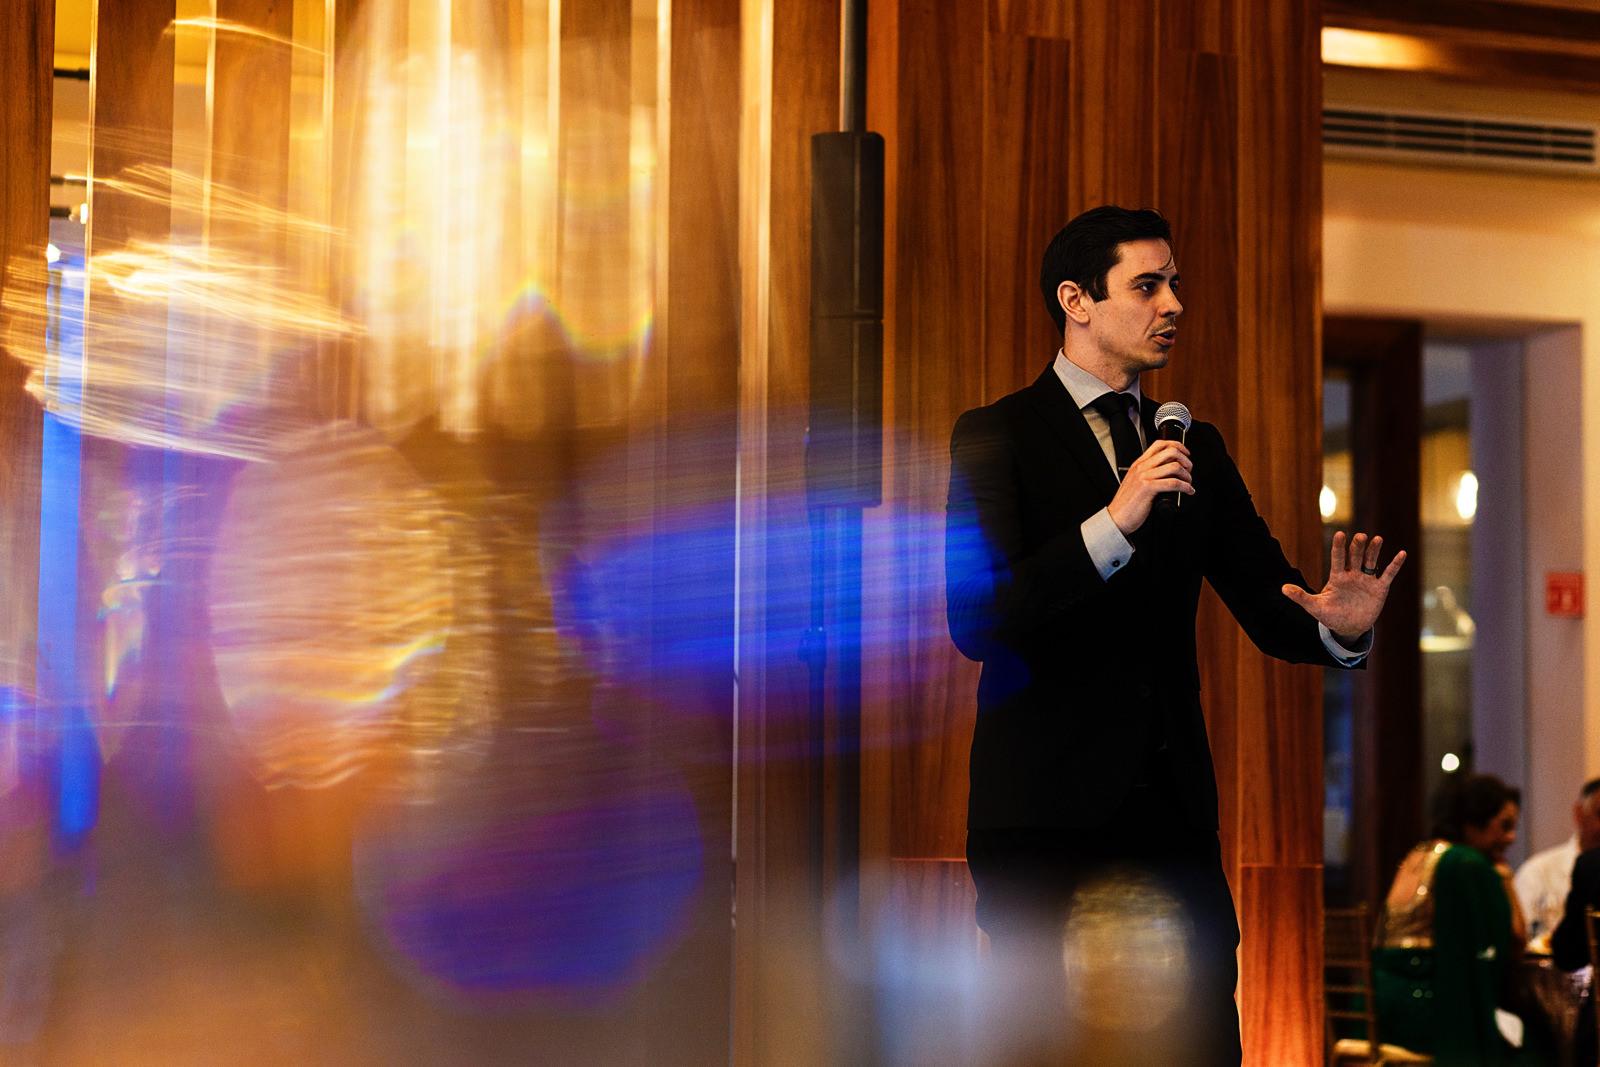 A man gives an speech at wedding reception